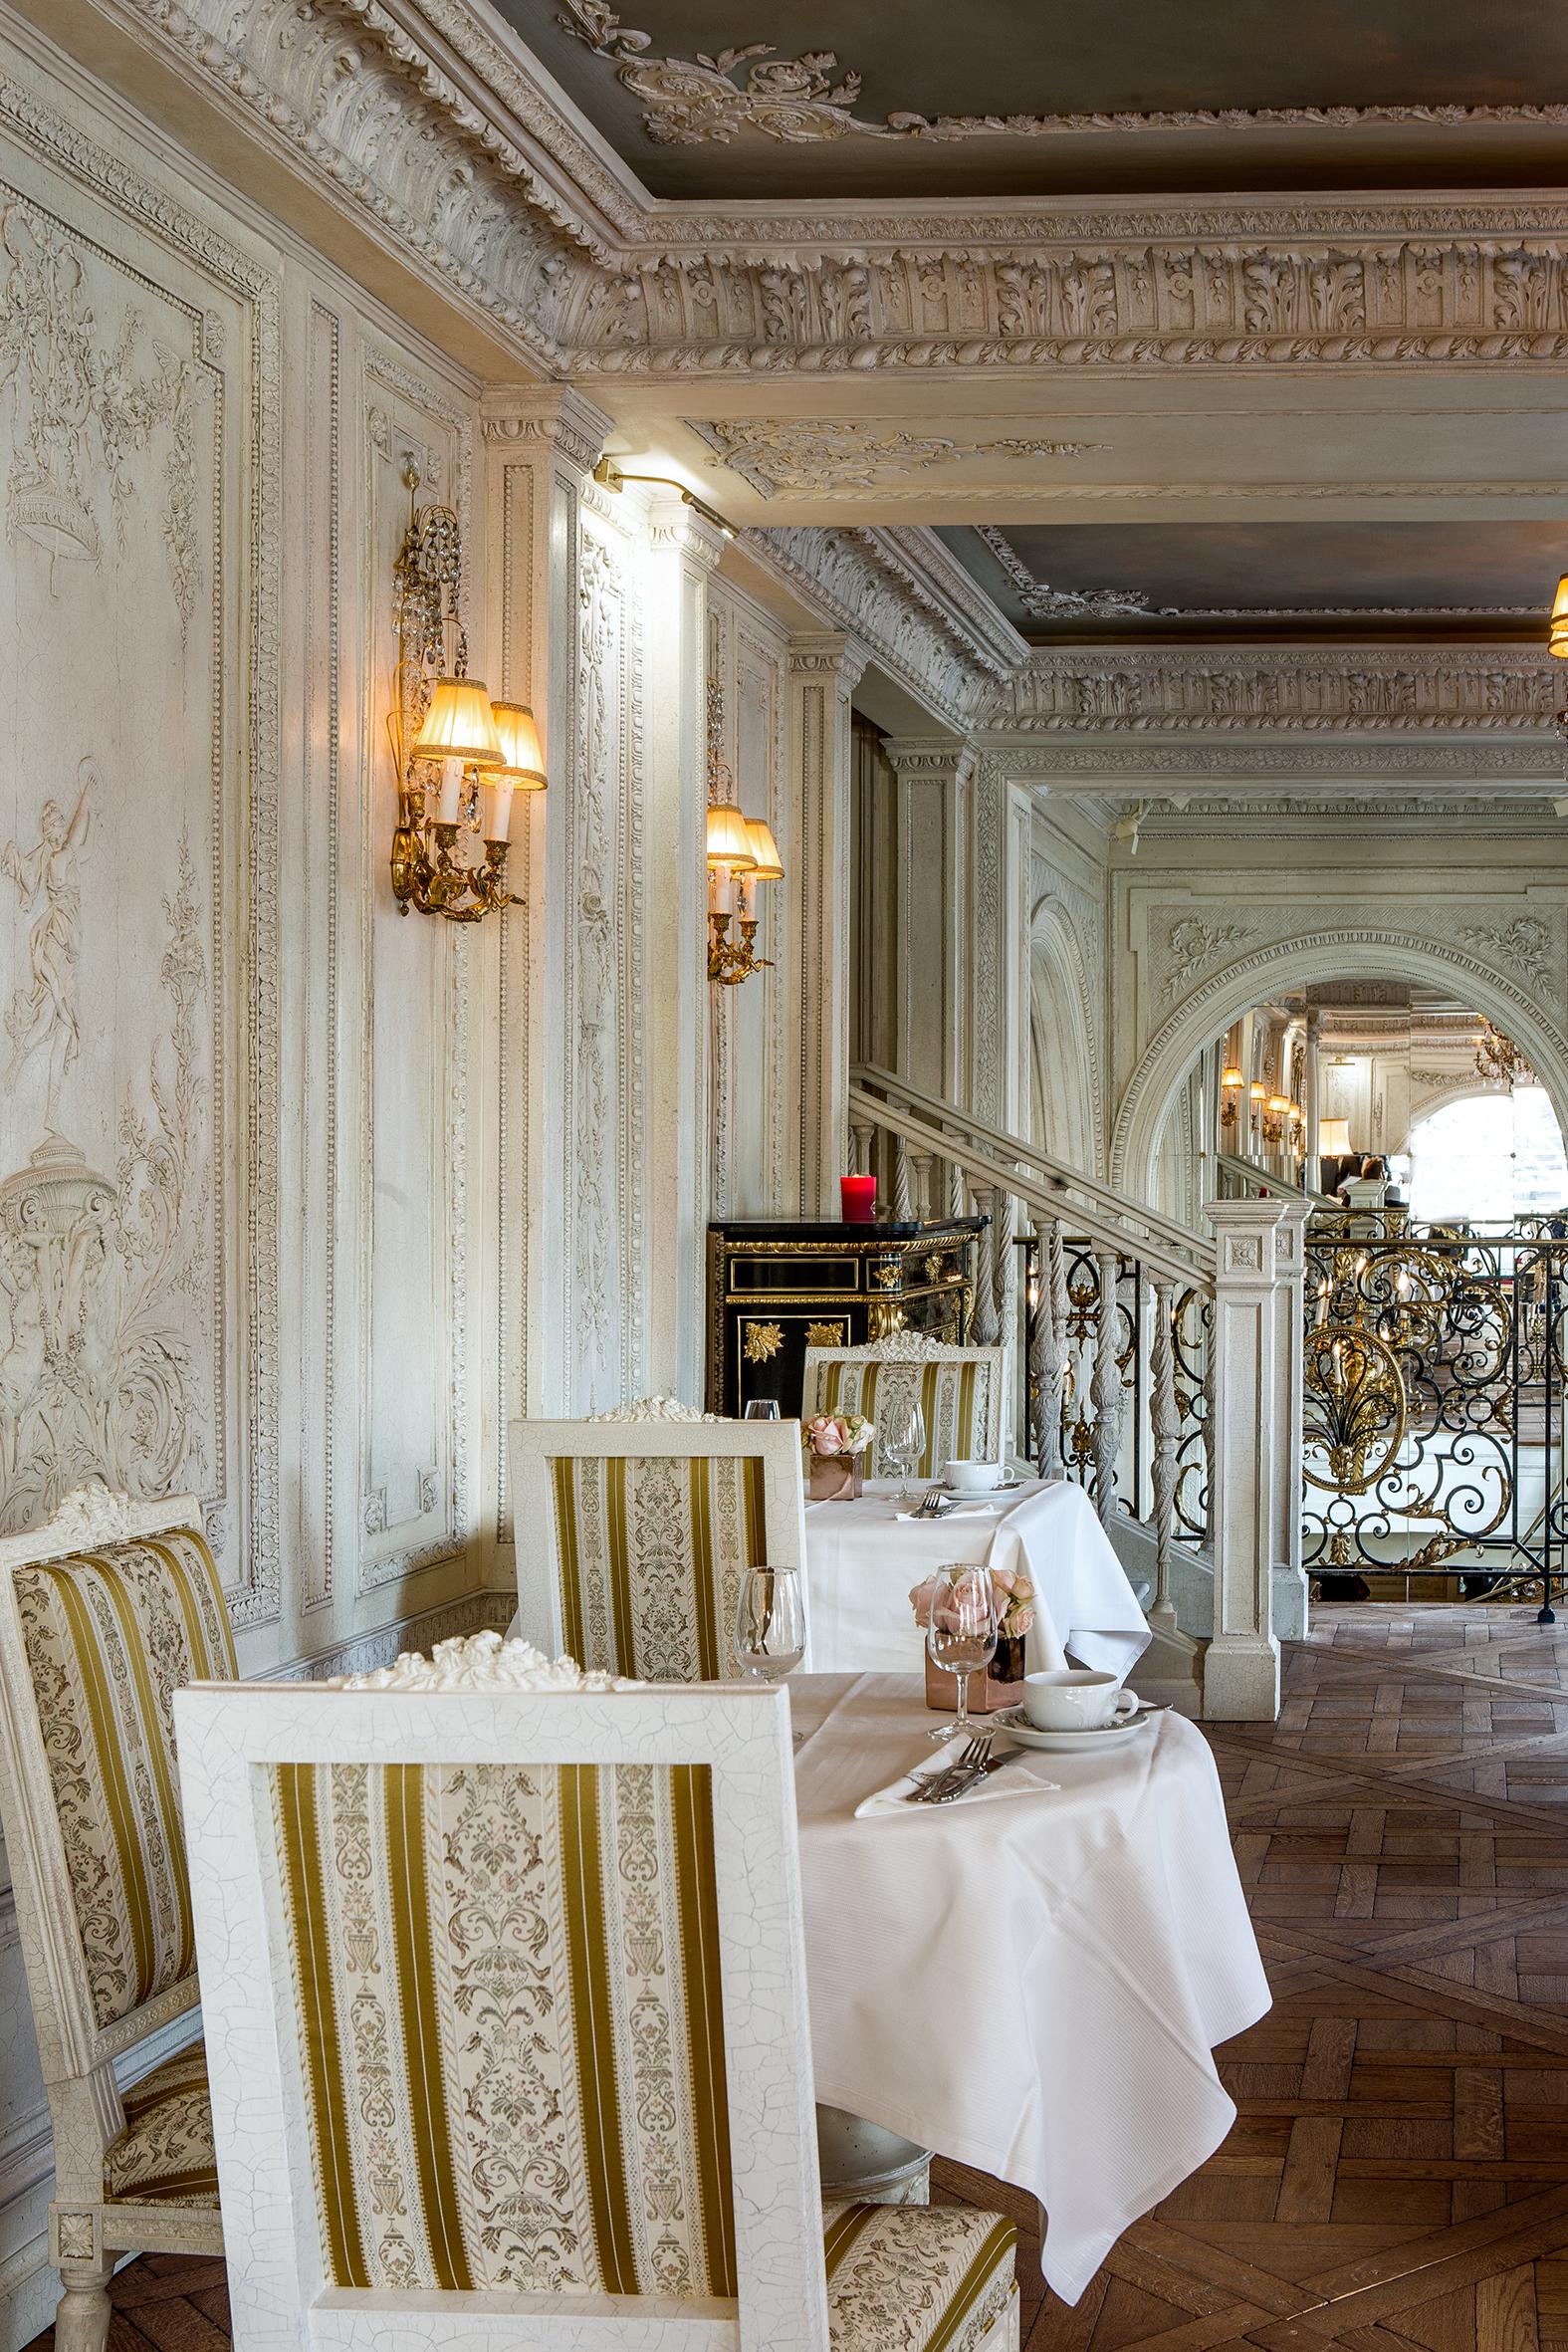 caf pouchkine salon de th et restaurant russe place. Black Bedroom Furniture Sets. Home Design Ideas